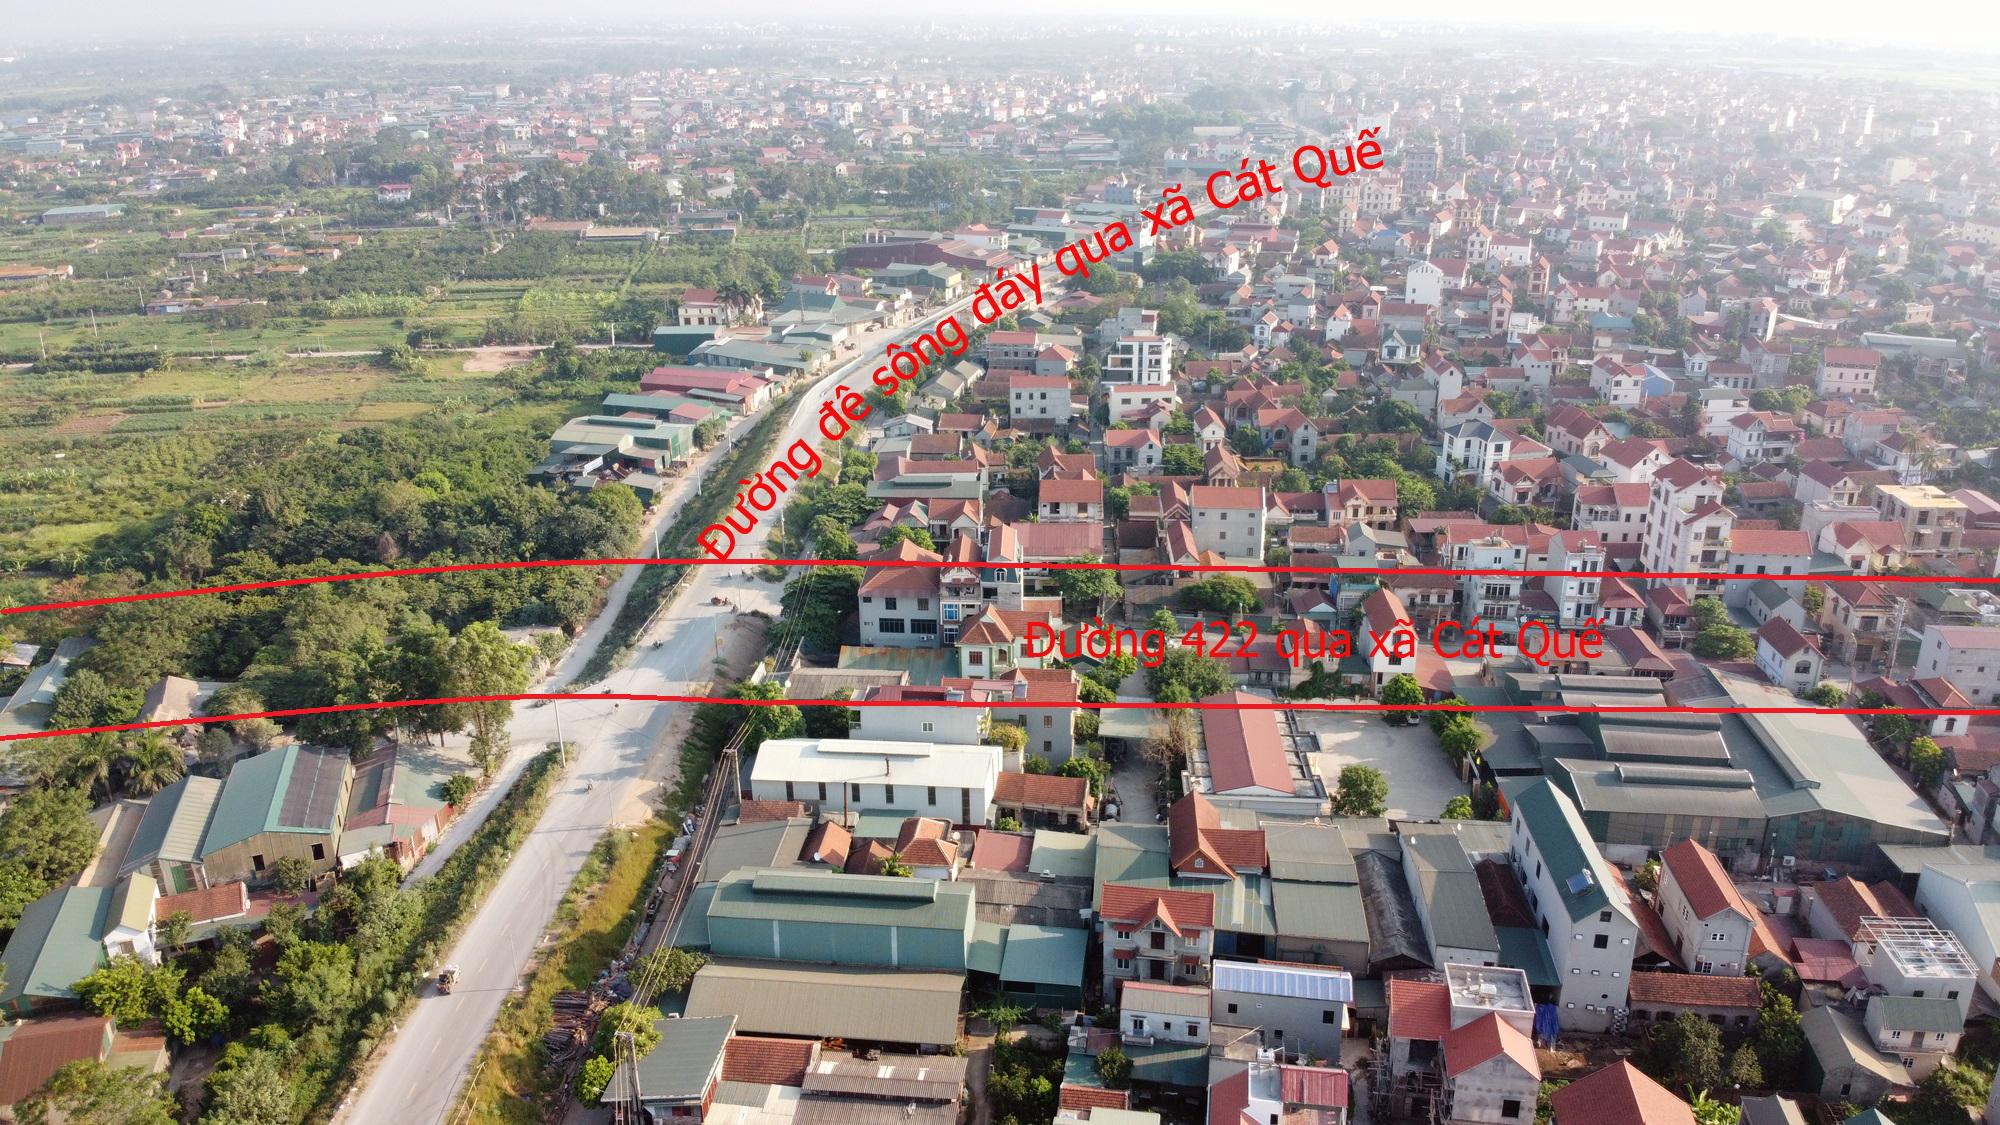 Trục đường Hồ Tây - Ba Vì qua Hòa Lạc sẽ mở theo qui hoạch: Toàn cảnh đoạn Vành đai 4 đến đường Hòa Lạc - Hòa Bình - Ảnh 4.